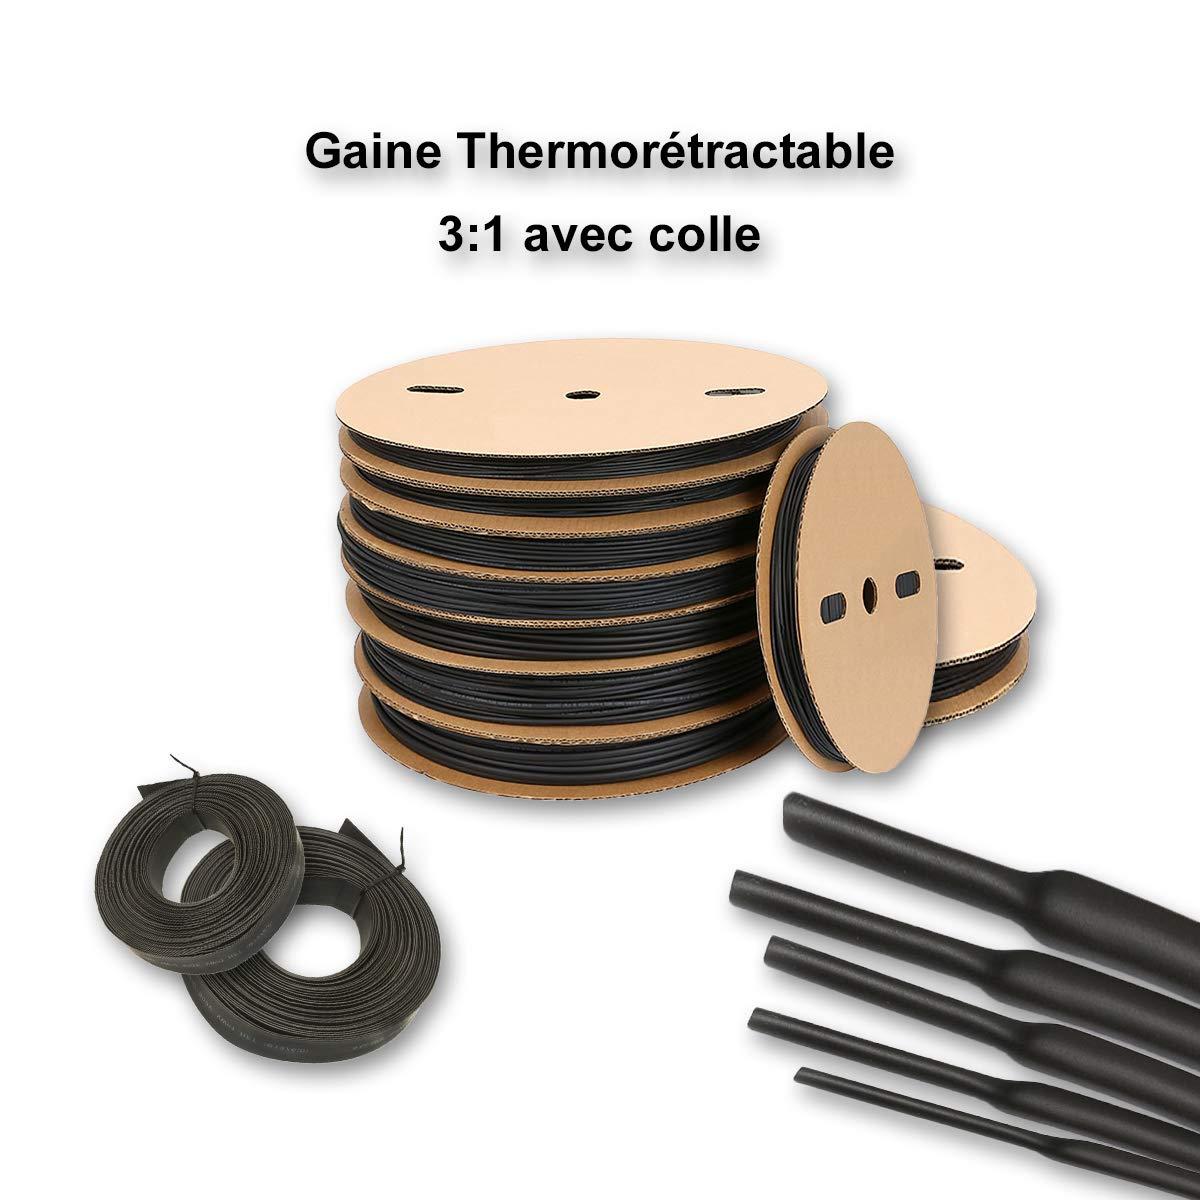 Gaine thermor/étractable 3:1 avec colle - /Ø 2,4MM /à 19,1MM de 0,5m /à 10m /Ø6,4mm, 3 M/ètres